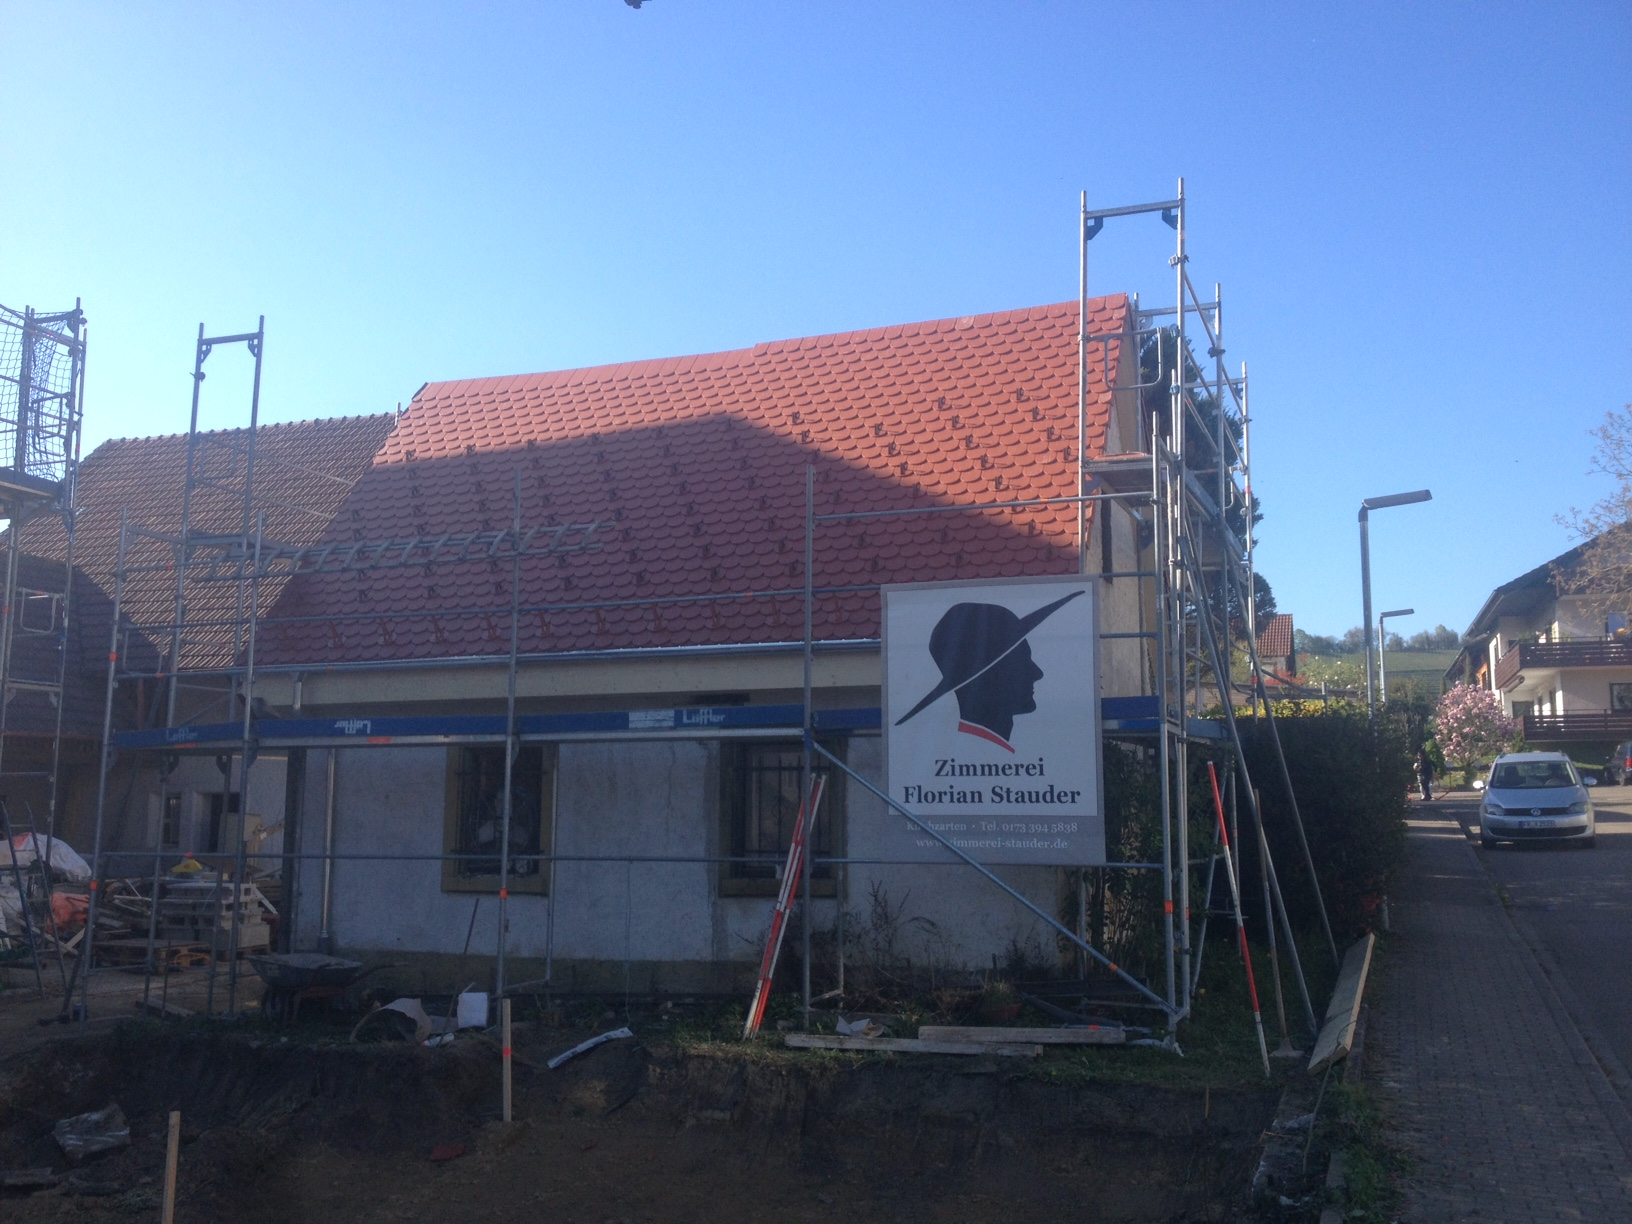 Dachumdeckung eines ehemaligen Backhauses